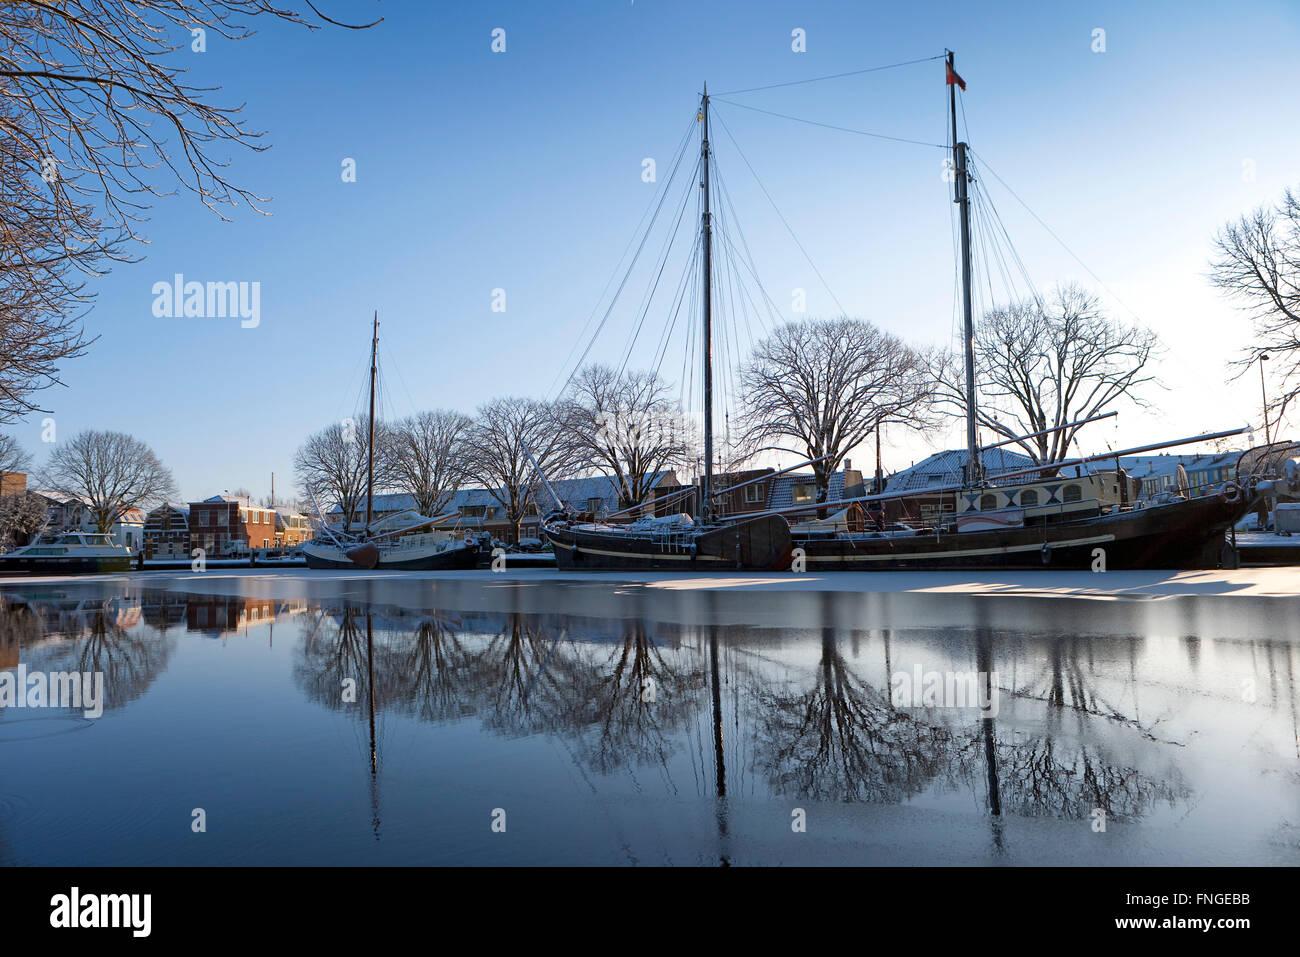 Niederländische klassische Schiffe im Kanal in Leiden im Winter Stockbild